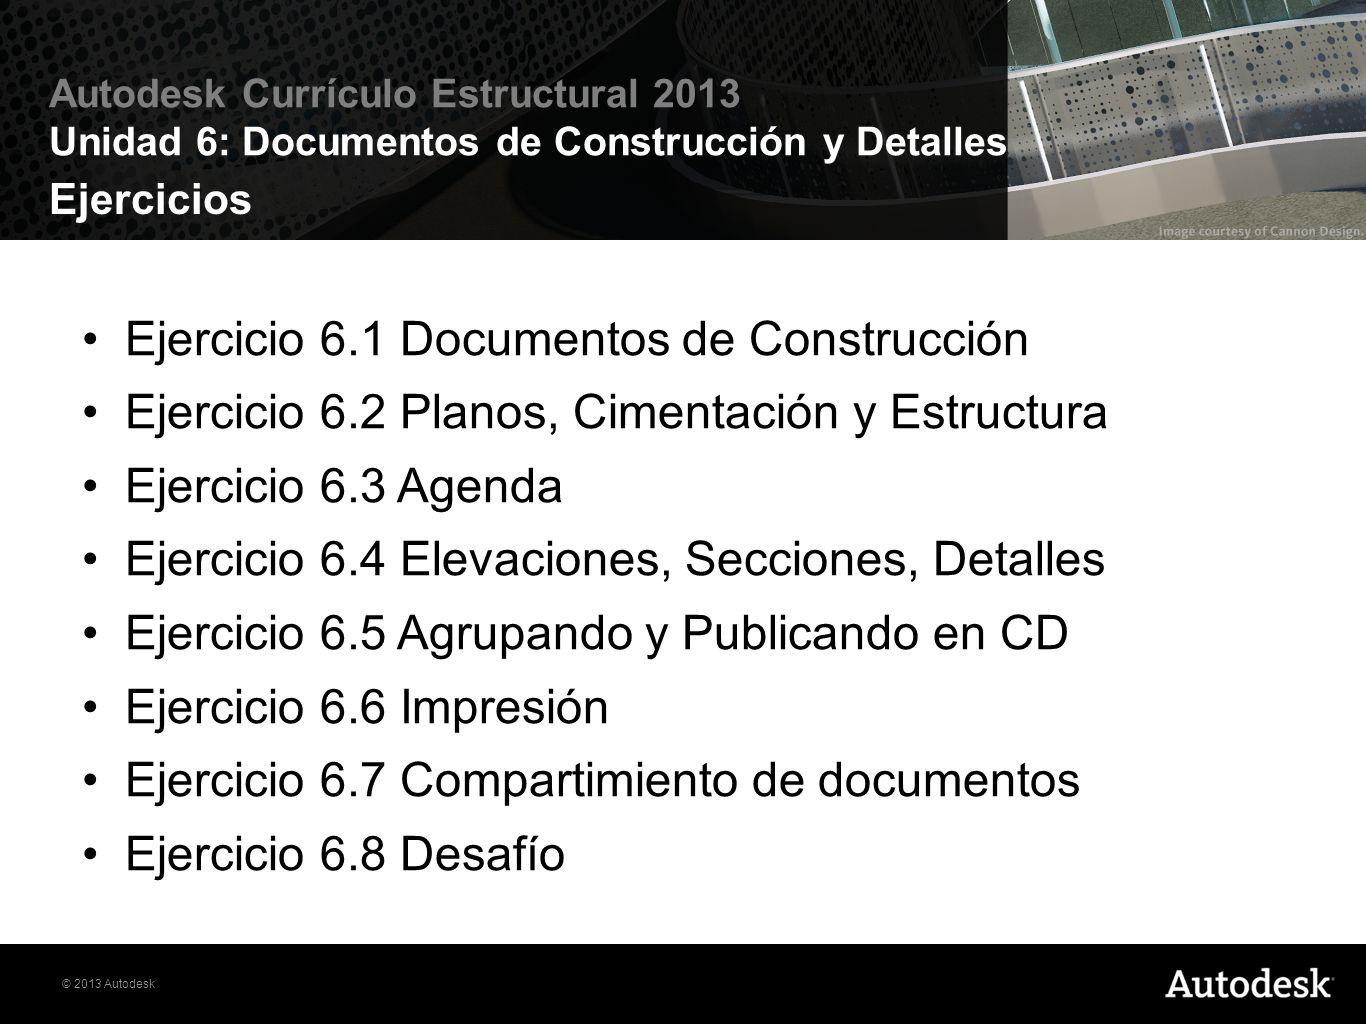 Ejercicio 6.1 Documentos de Construcción